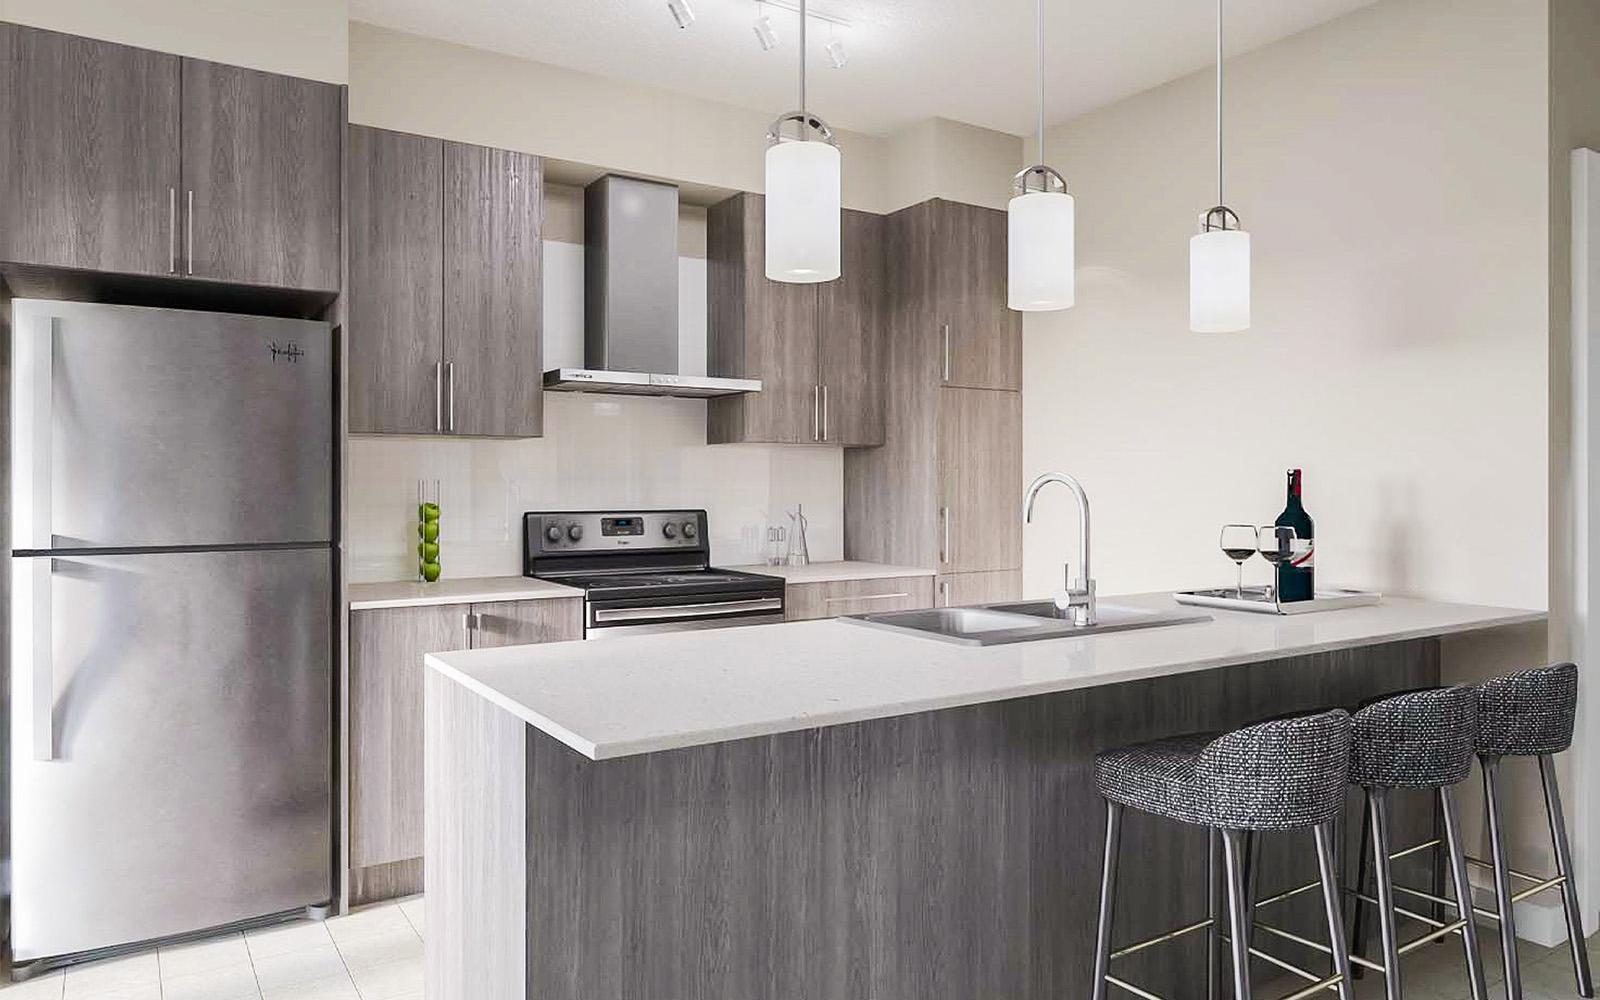 westman village homes choice rentals